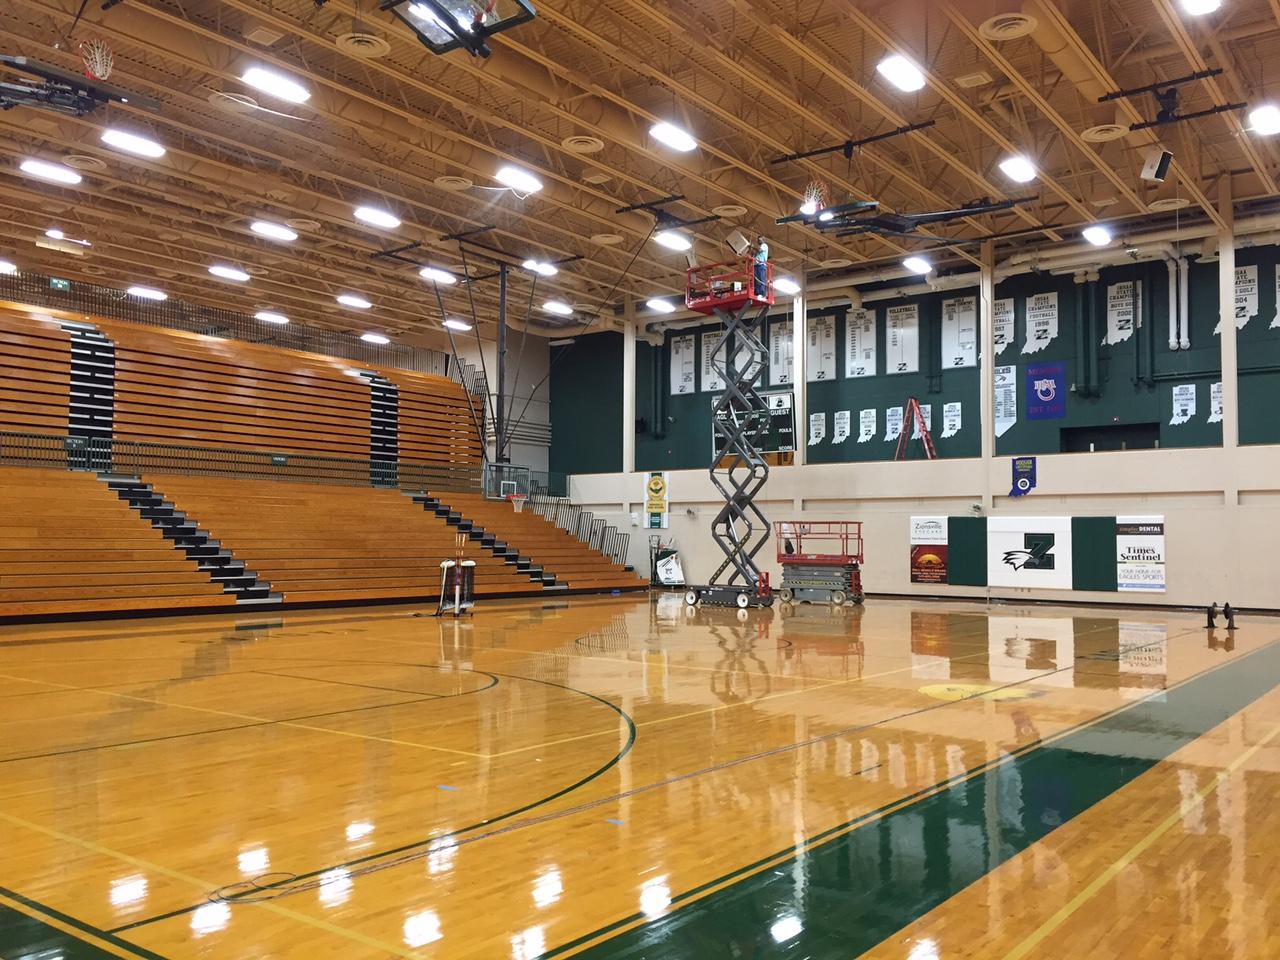 Zionsville Highschool Gymnasium - Zionsville, IN